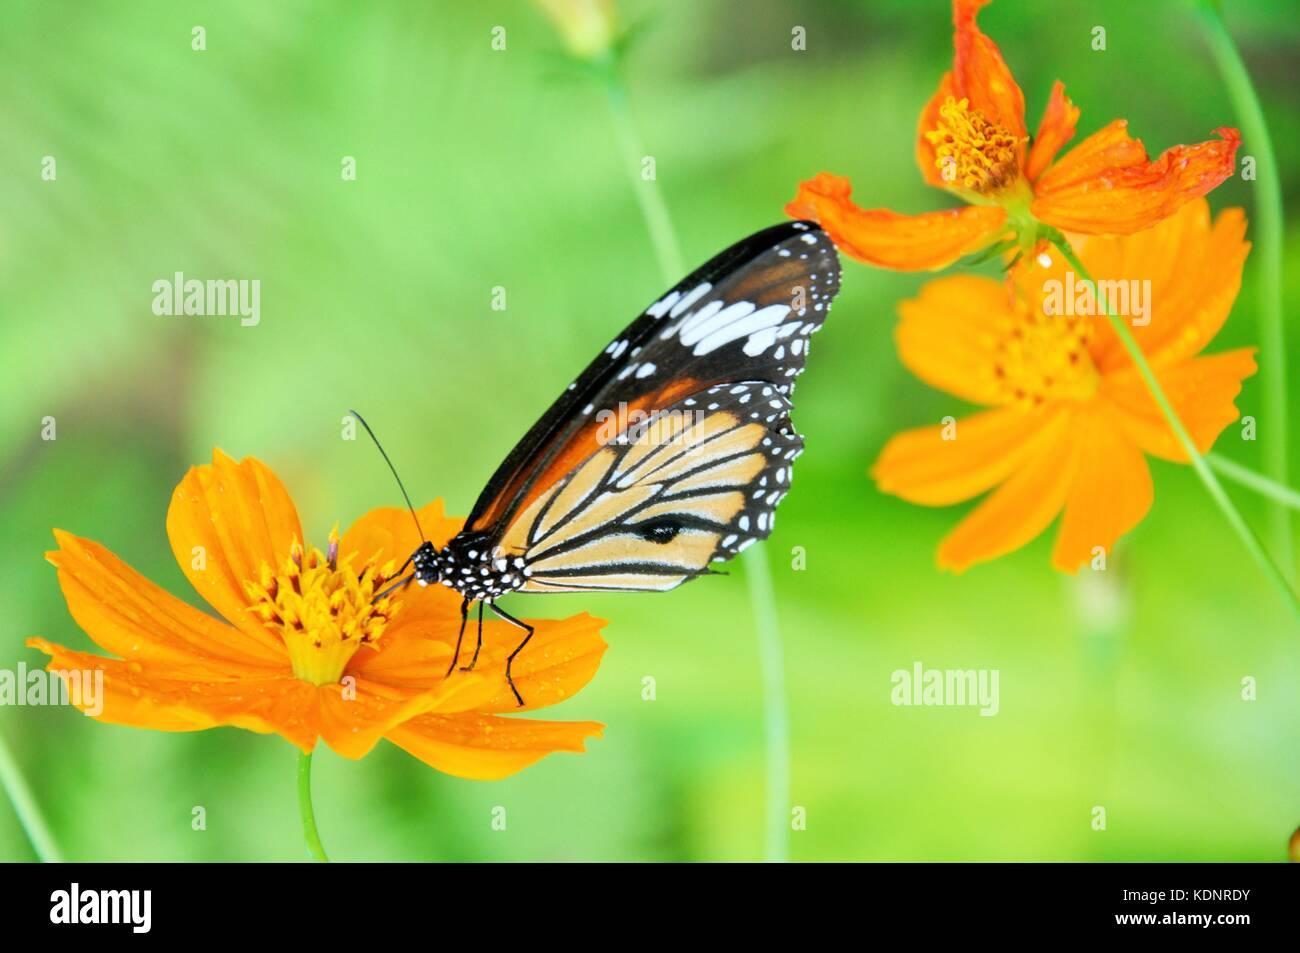 Beautiful Butterflies Feeding On Pretty Orange Flowers In A National